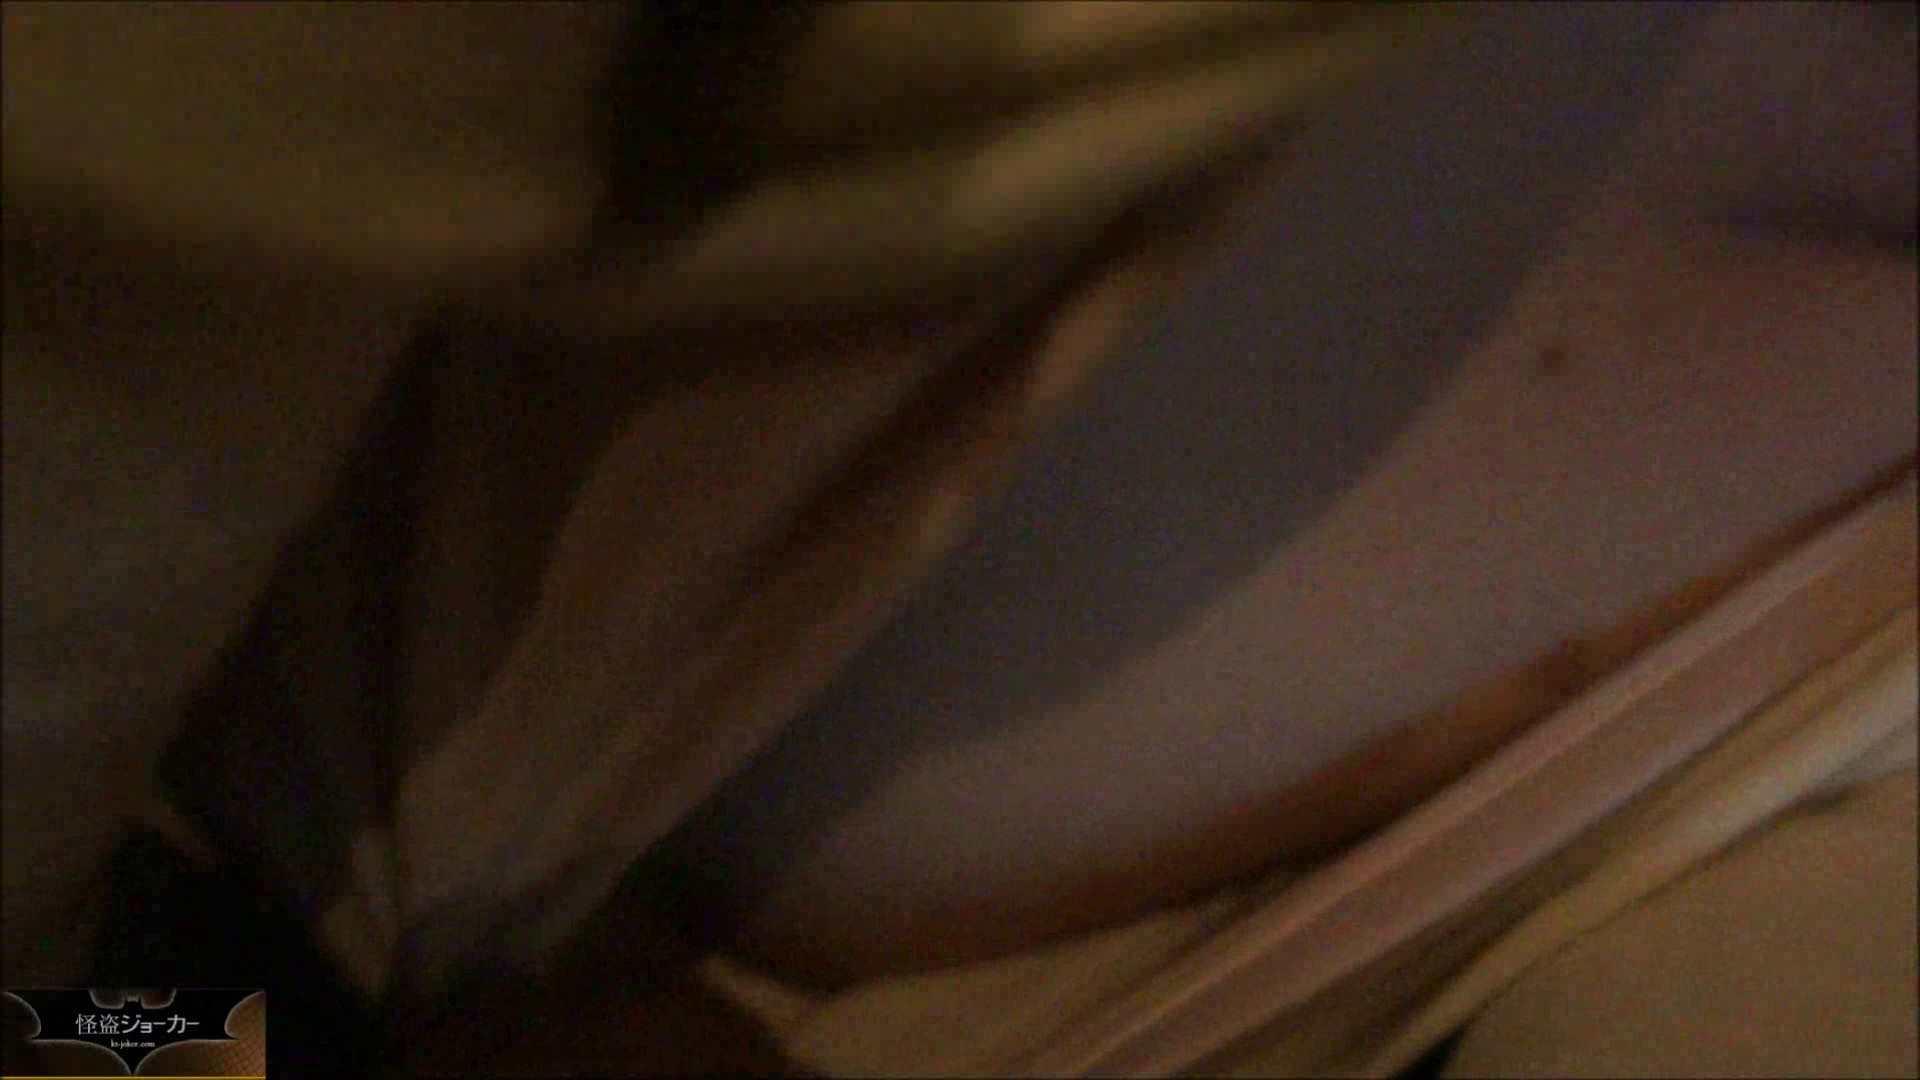 vol.2【白衣の天使・23歳】☆のりこちゃん☆カラオケで酔い潰して!! マンコ  112PIX 36